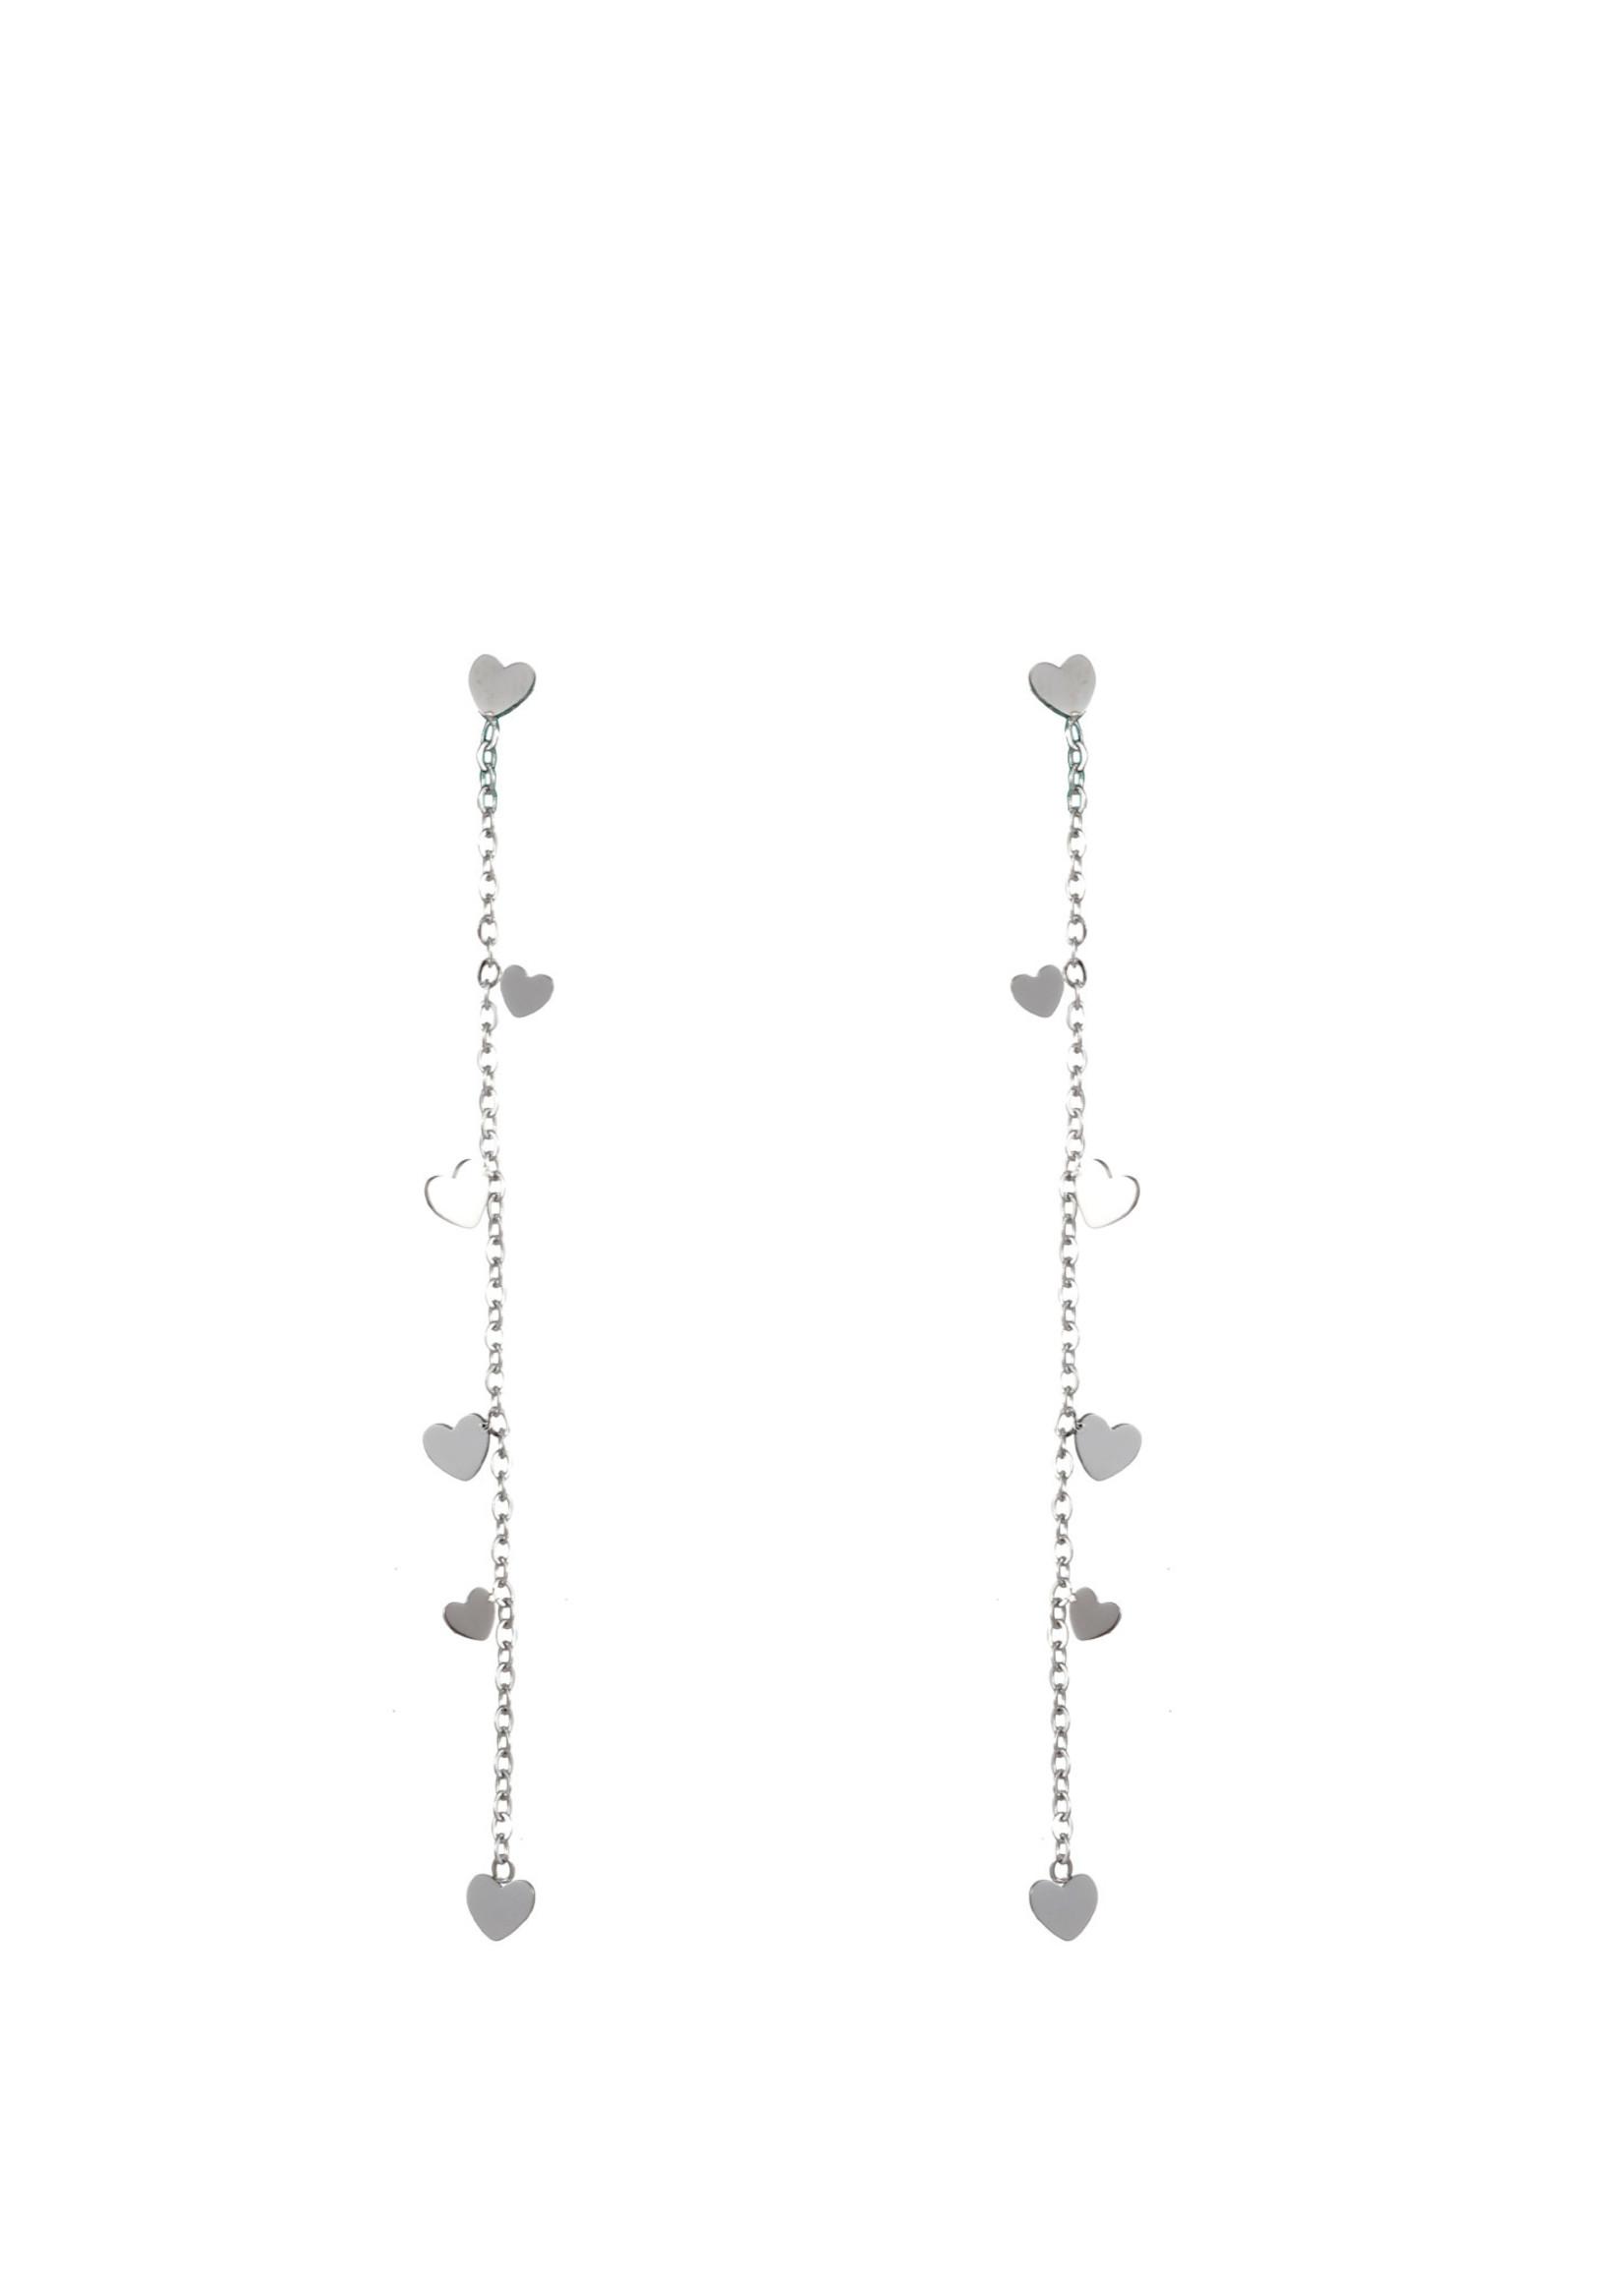 Oorbel zilver met hartjes E1833-1